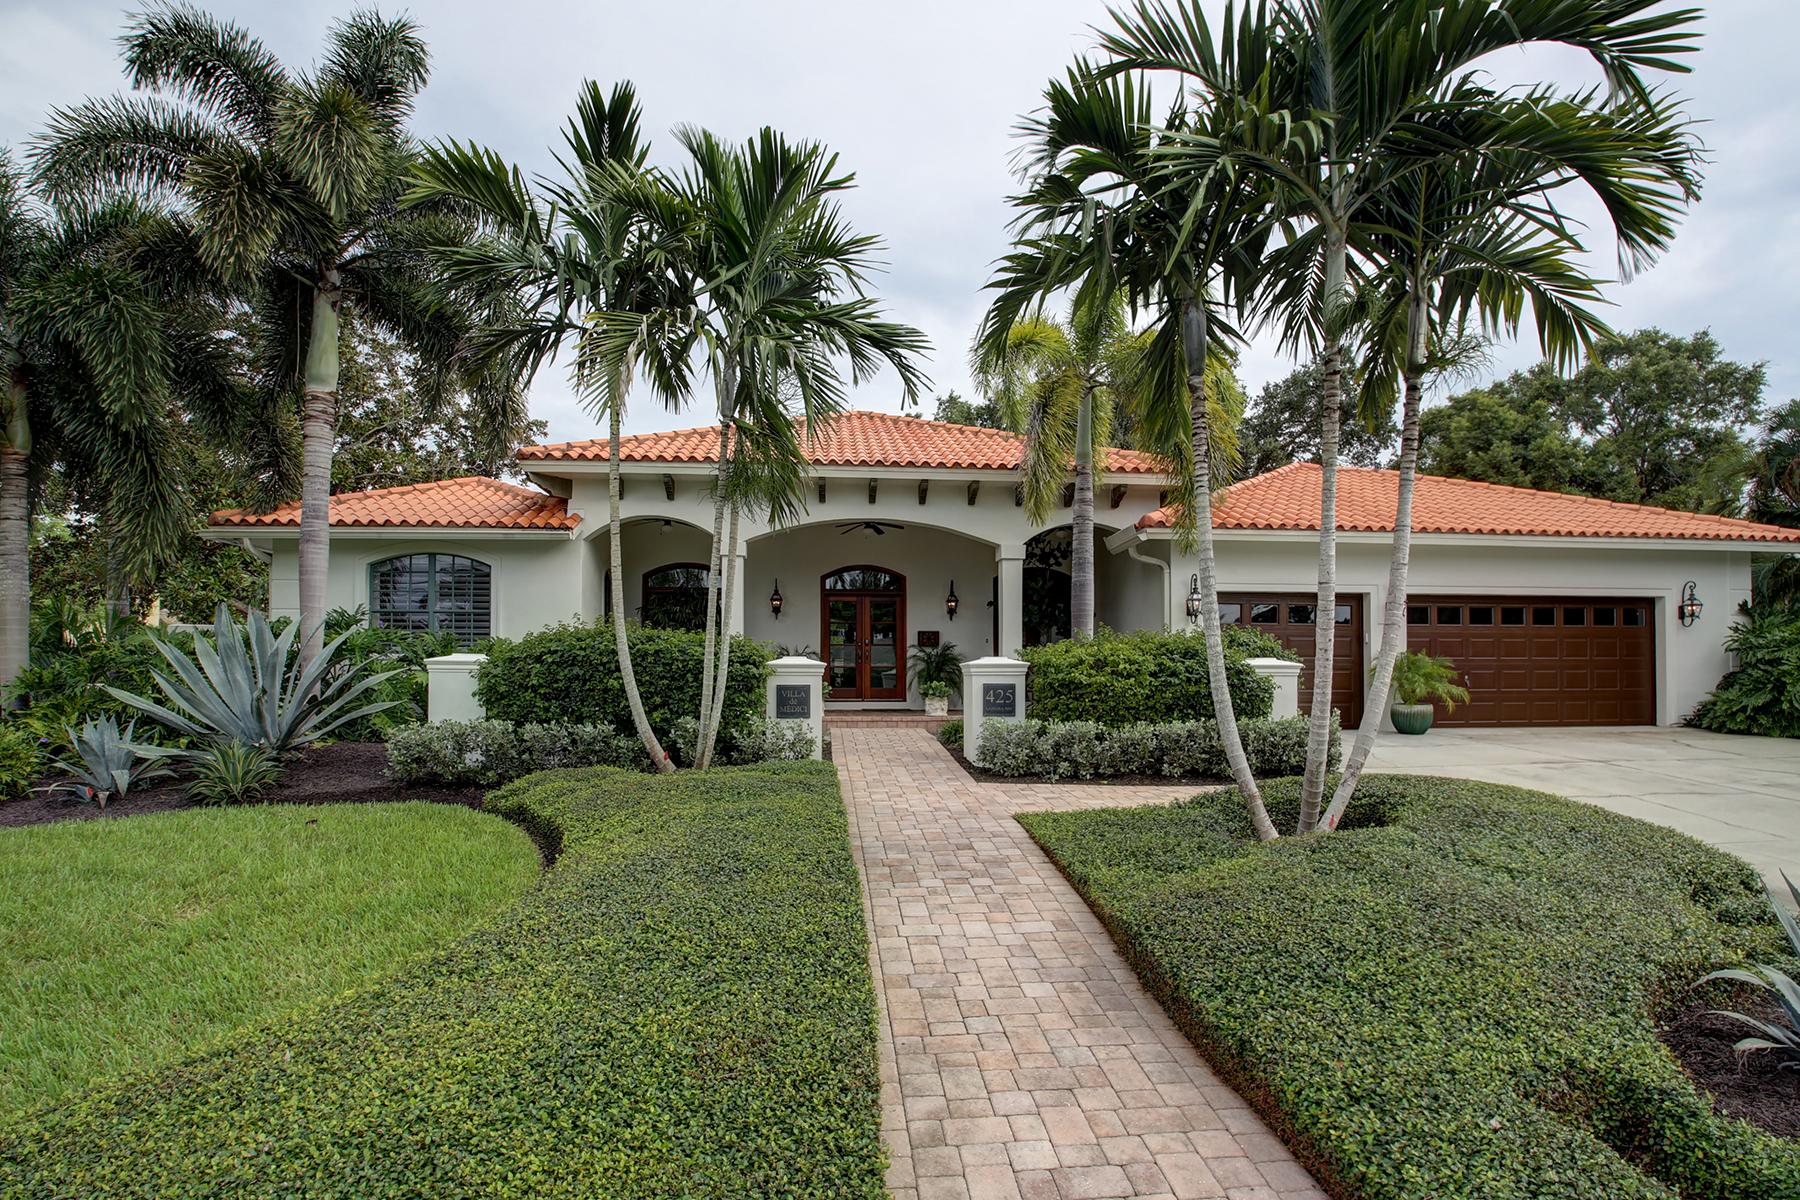 Vivienda unifamiliar por un Venta en SNELL ISLE 425 Lamara Way NE Snell Isle, St. Petersburg, Florida 33704 Estados Unidos